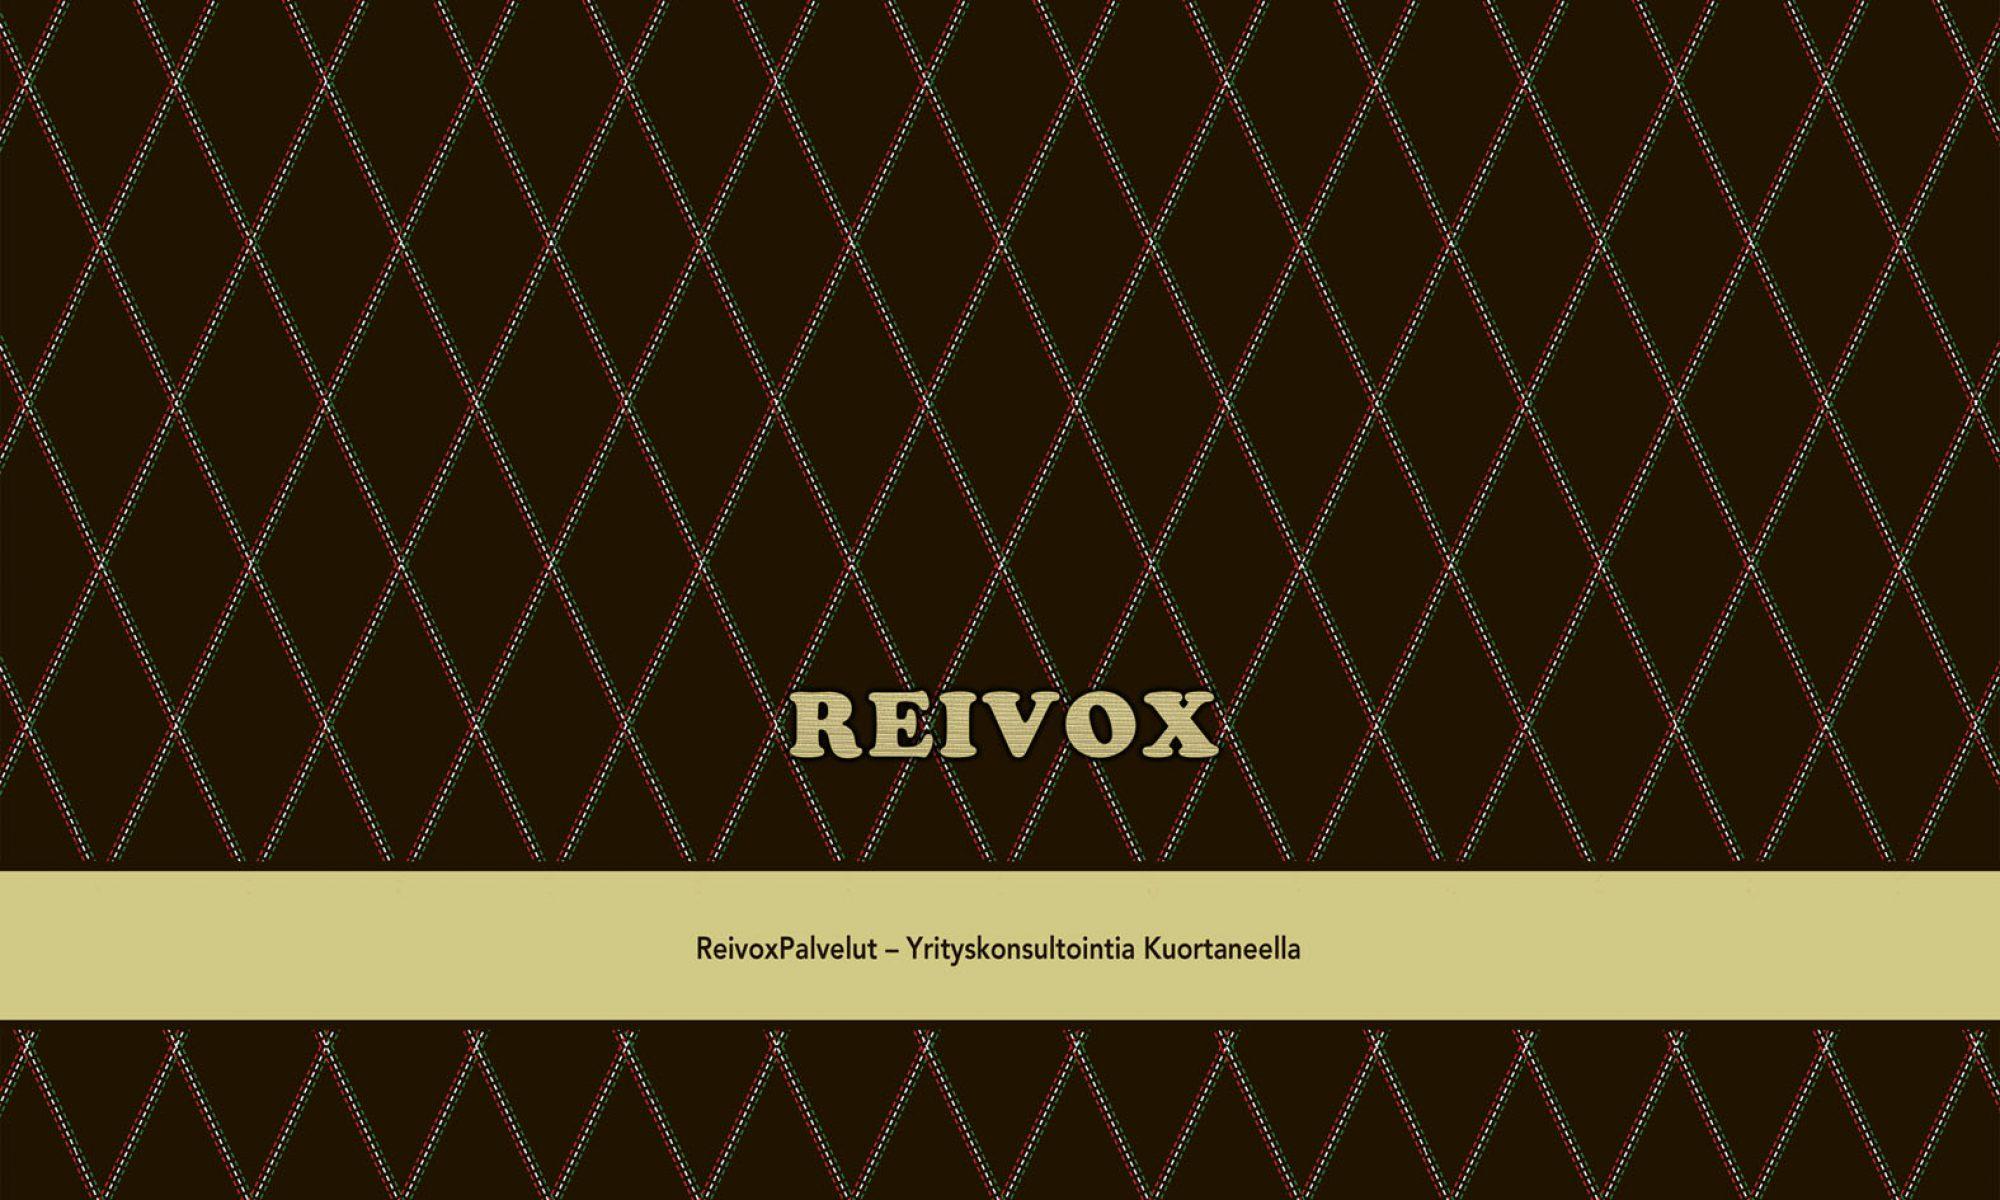 ReivoxPalvelut - Kuortane